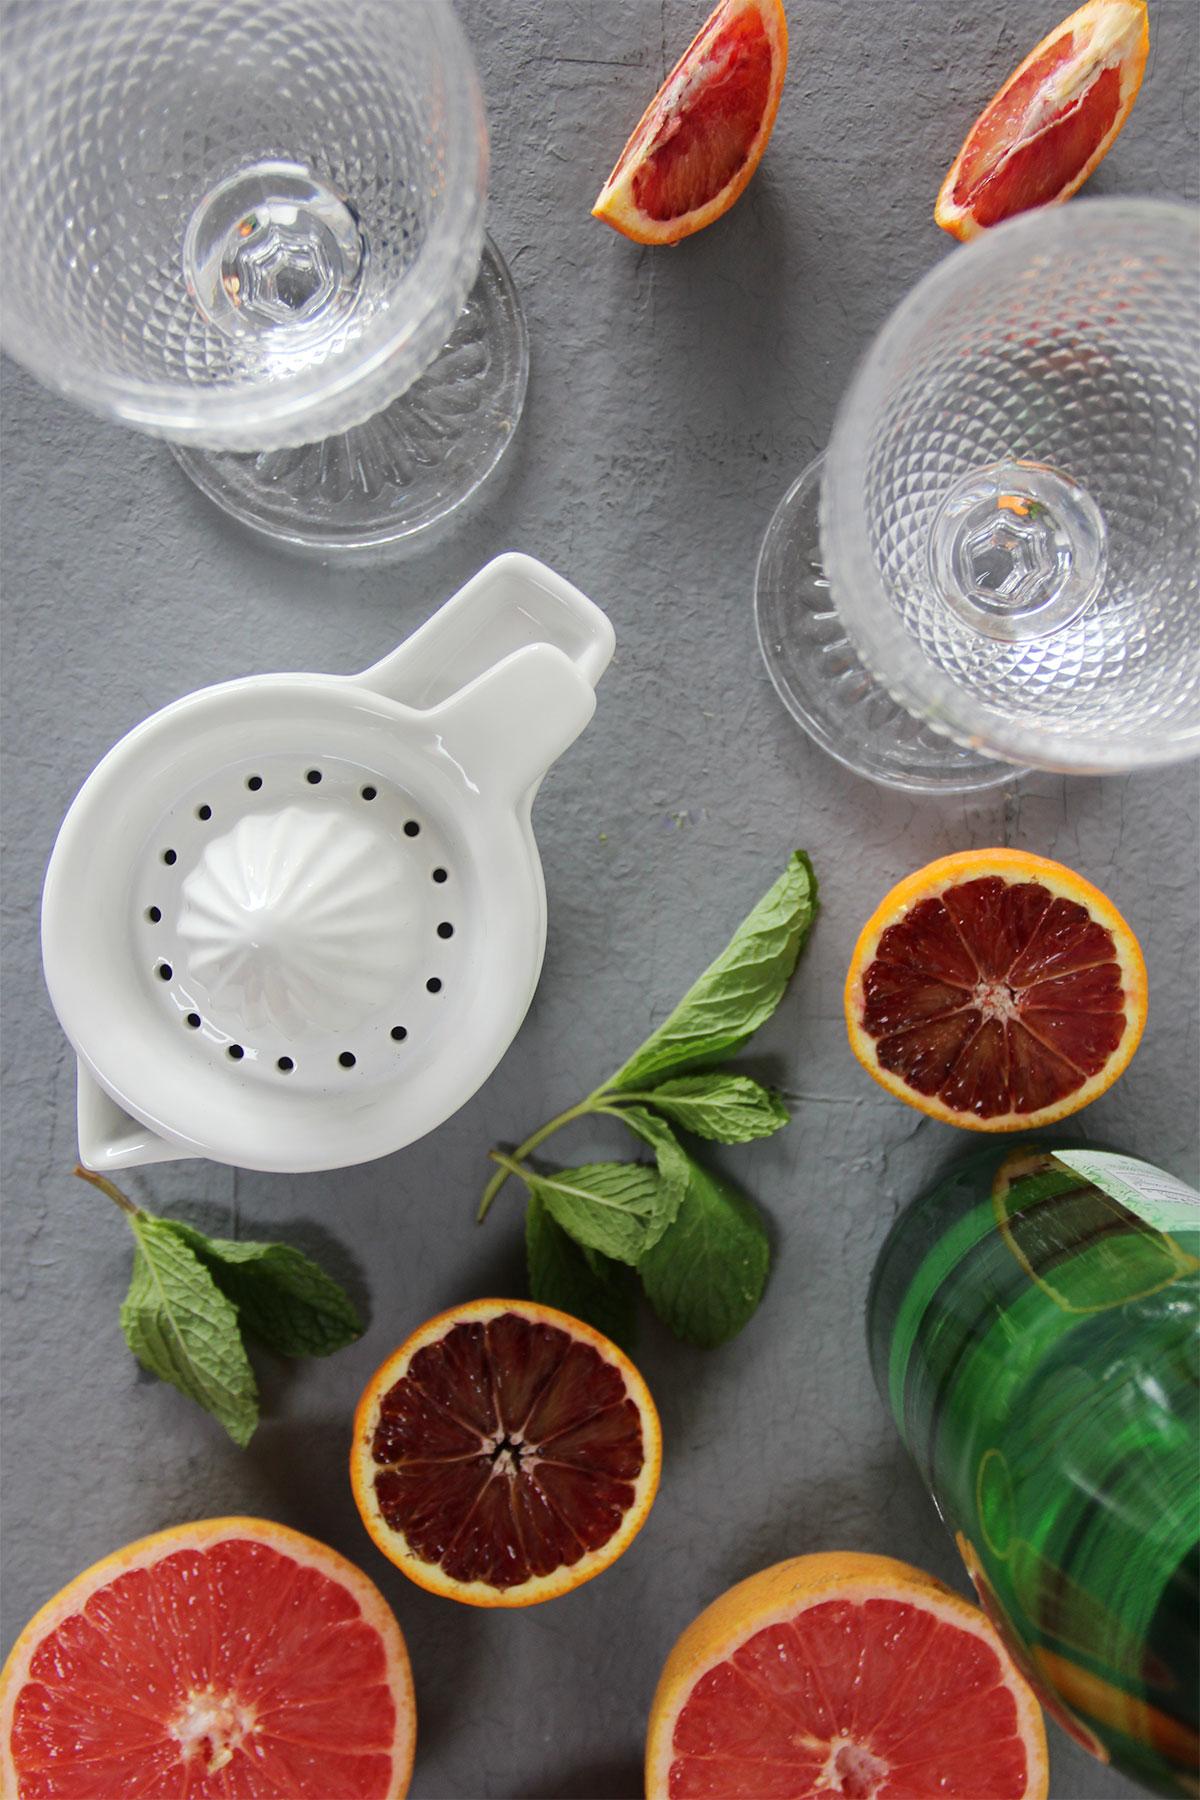 Ingredients for grapefruit blood orange sparkling juice